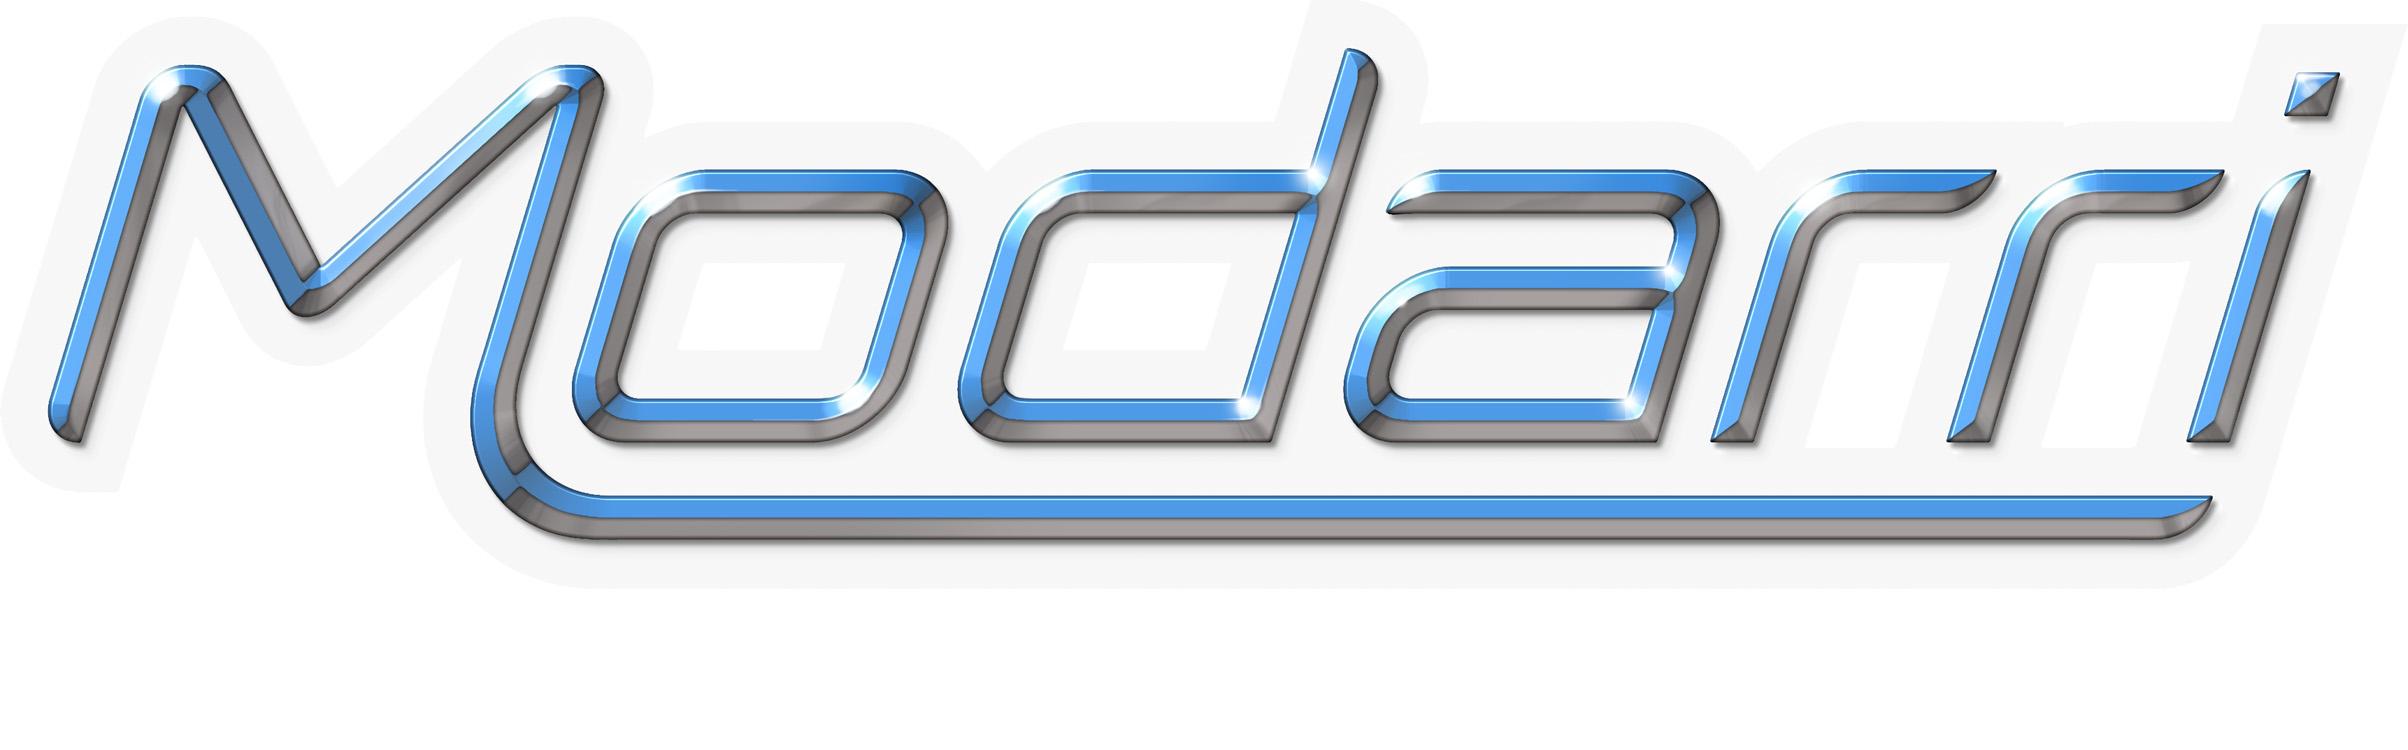 Modarri Logo plain